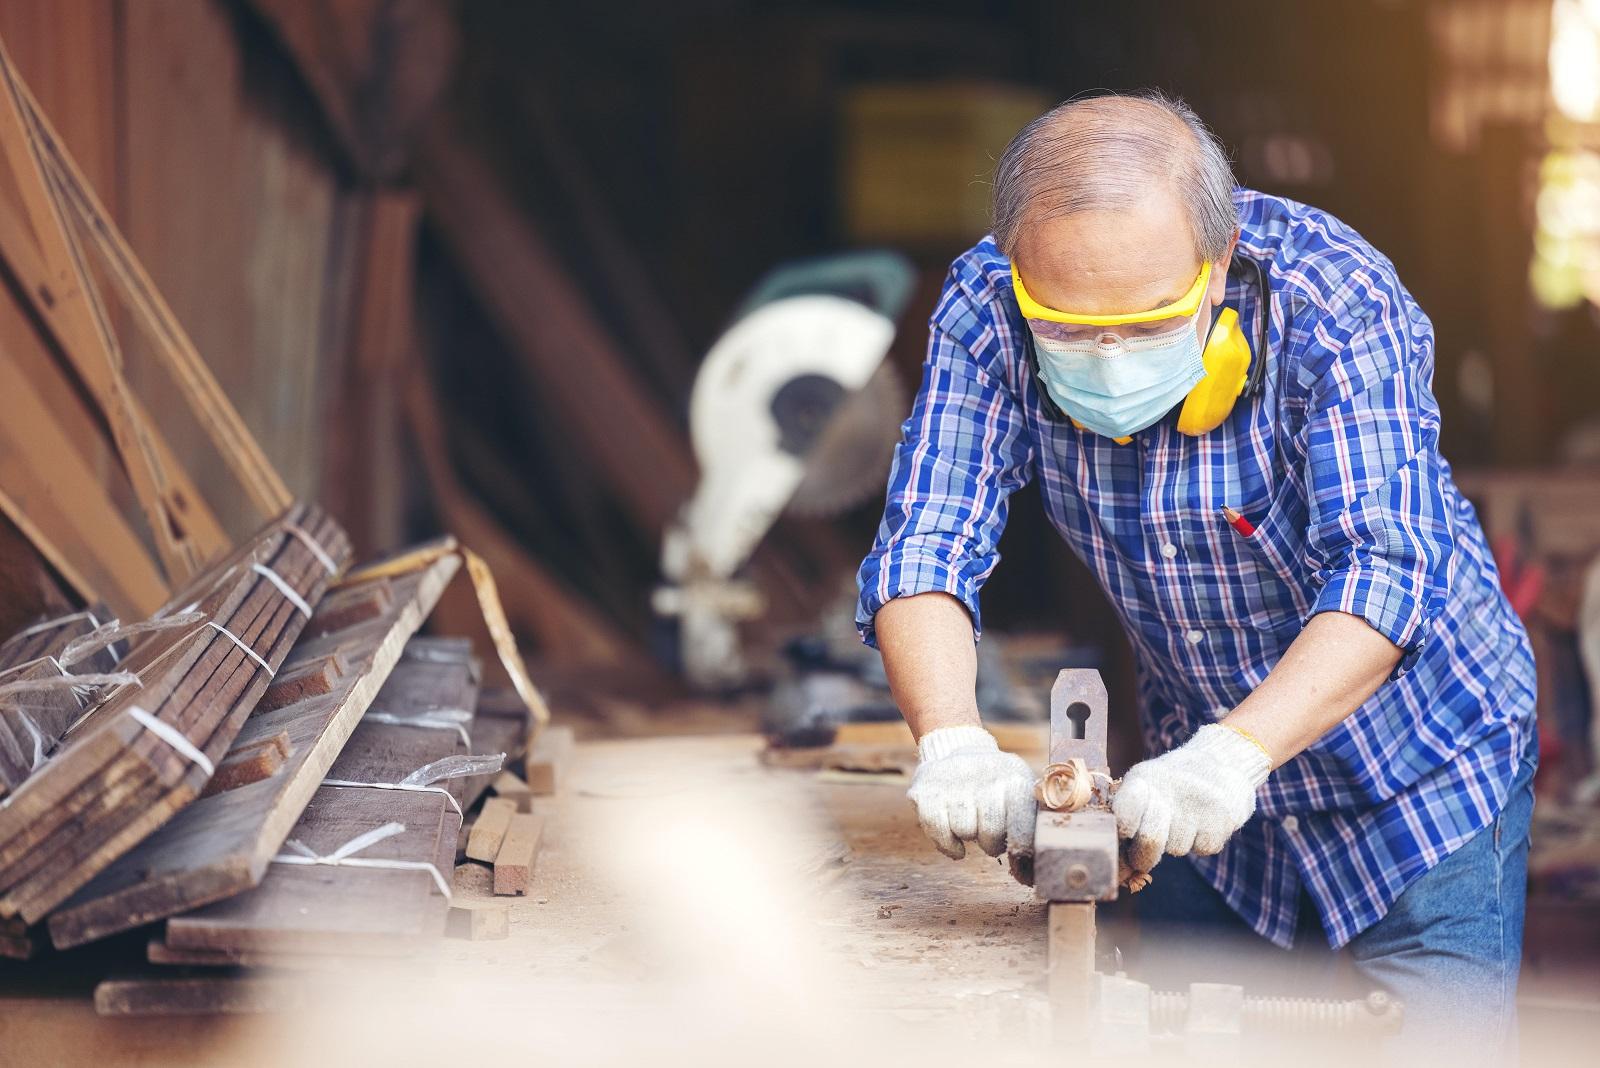 Riforma pensioni, dal PNRR sparisce il riferimento ai lavori usuranti. Alla politica non interessa?